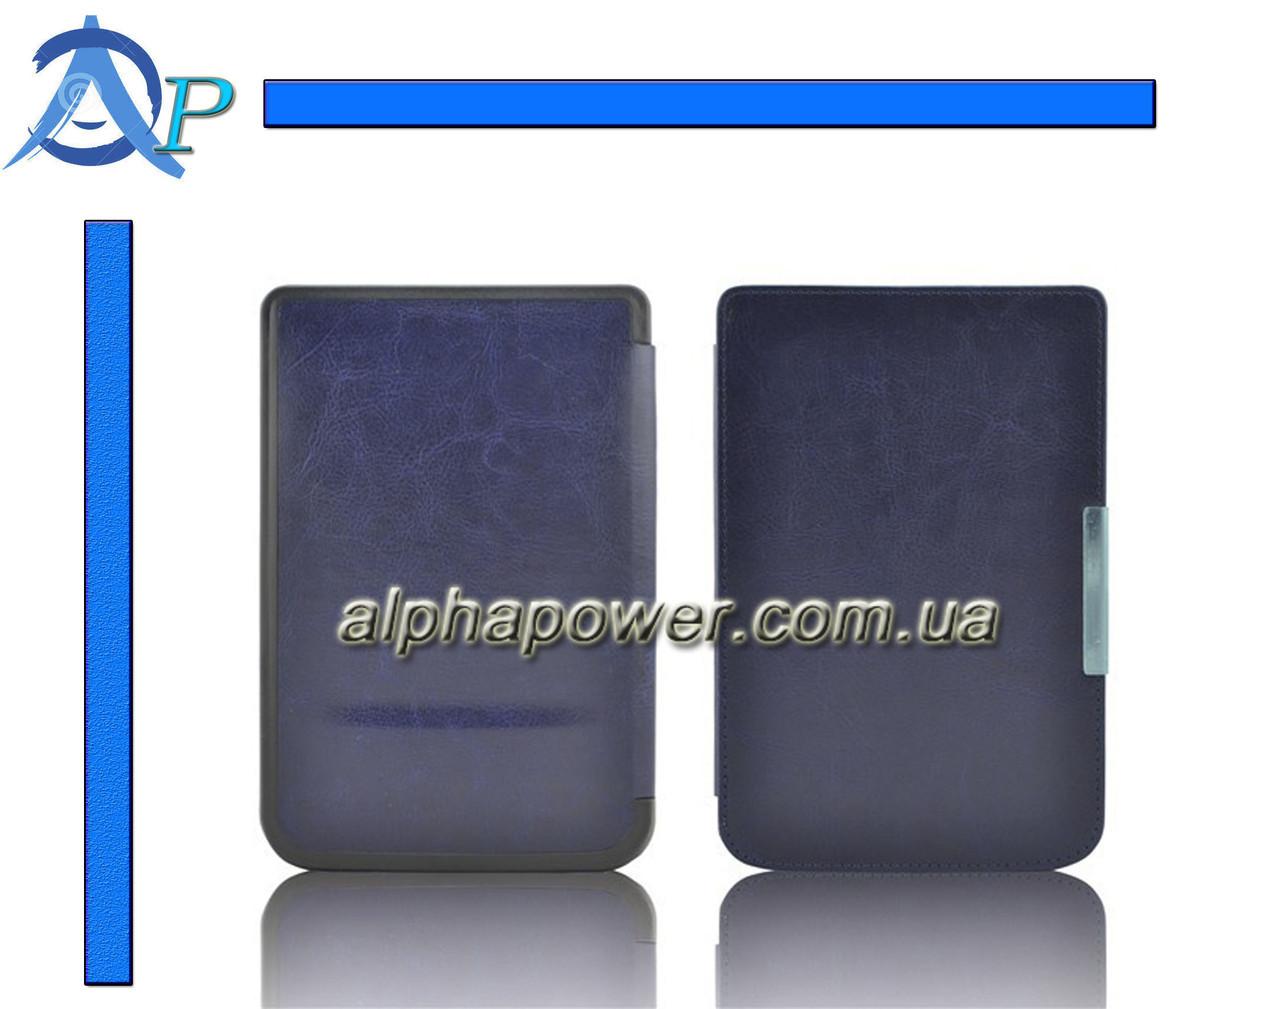 Обложка (чехол) для электронной книги PocketBook Touch 622 / Touch Lux 623 синий